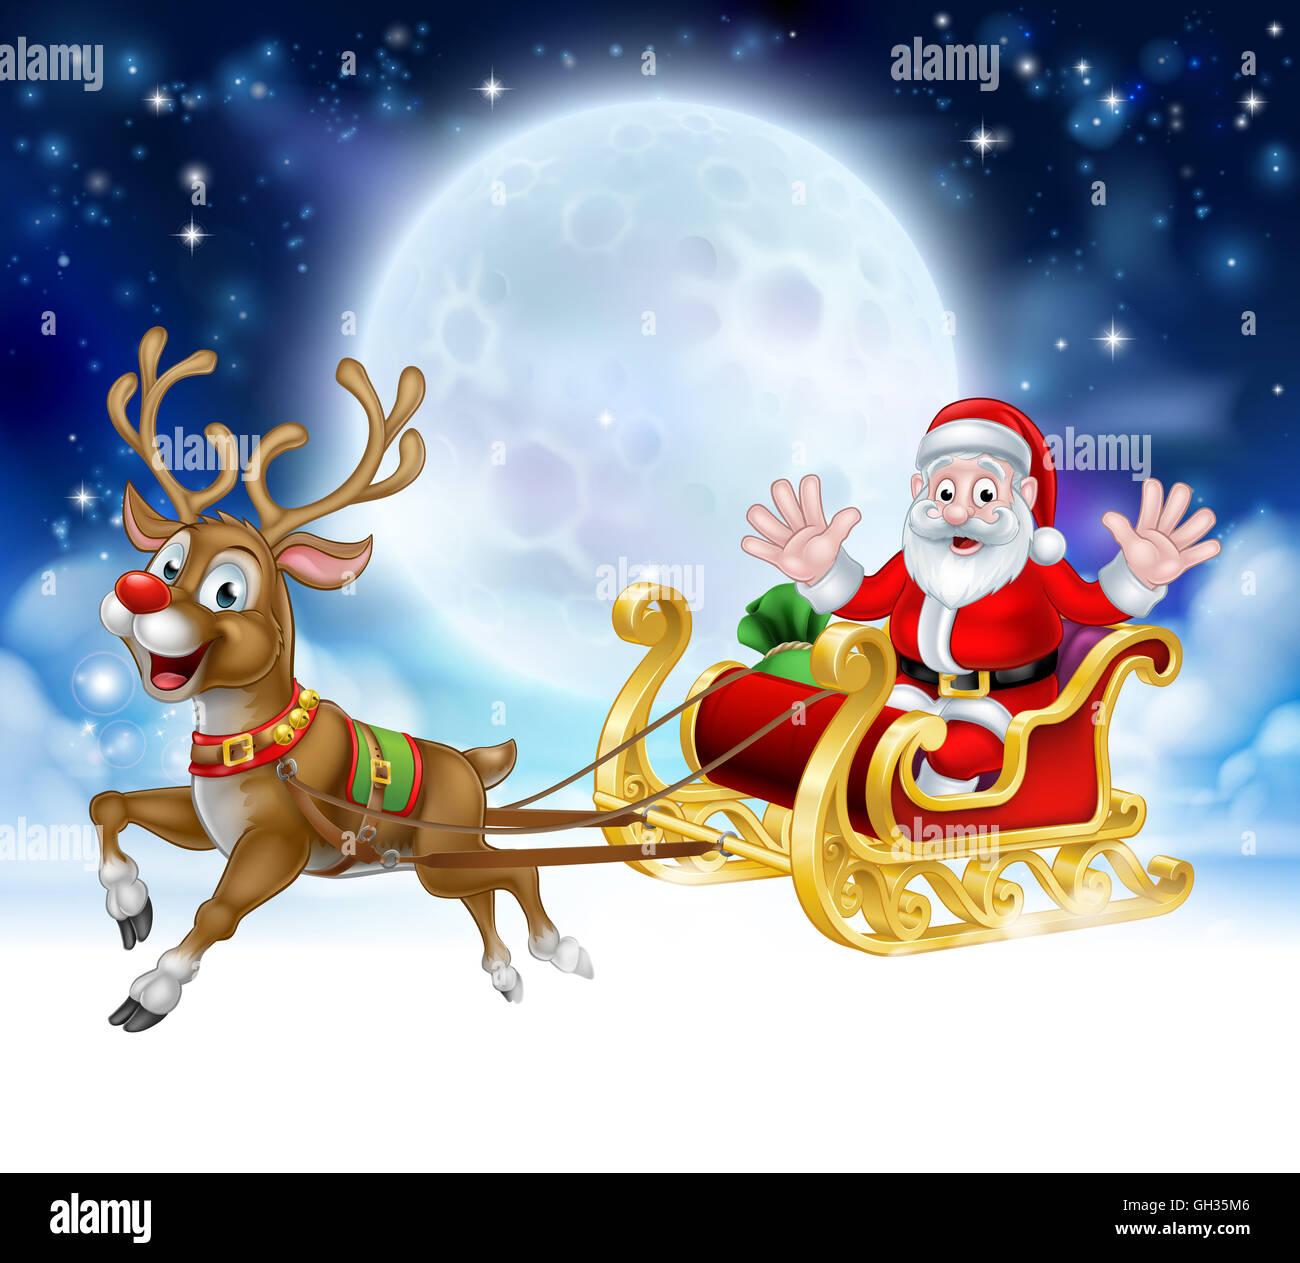 Cartoon-Weihnachts-Szene des Charakters der Weihnachtsmann in seinem ...